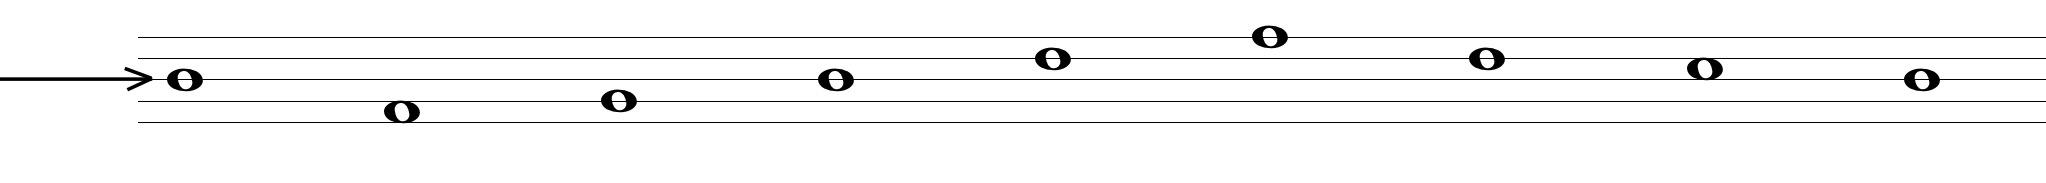 Skyler Scott - Skyler's example 2.jpg